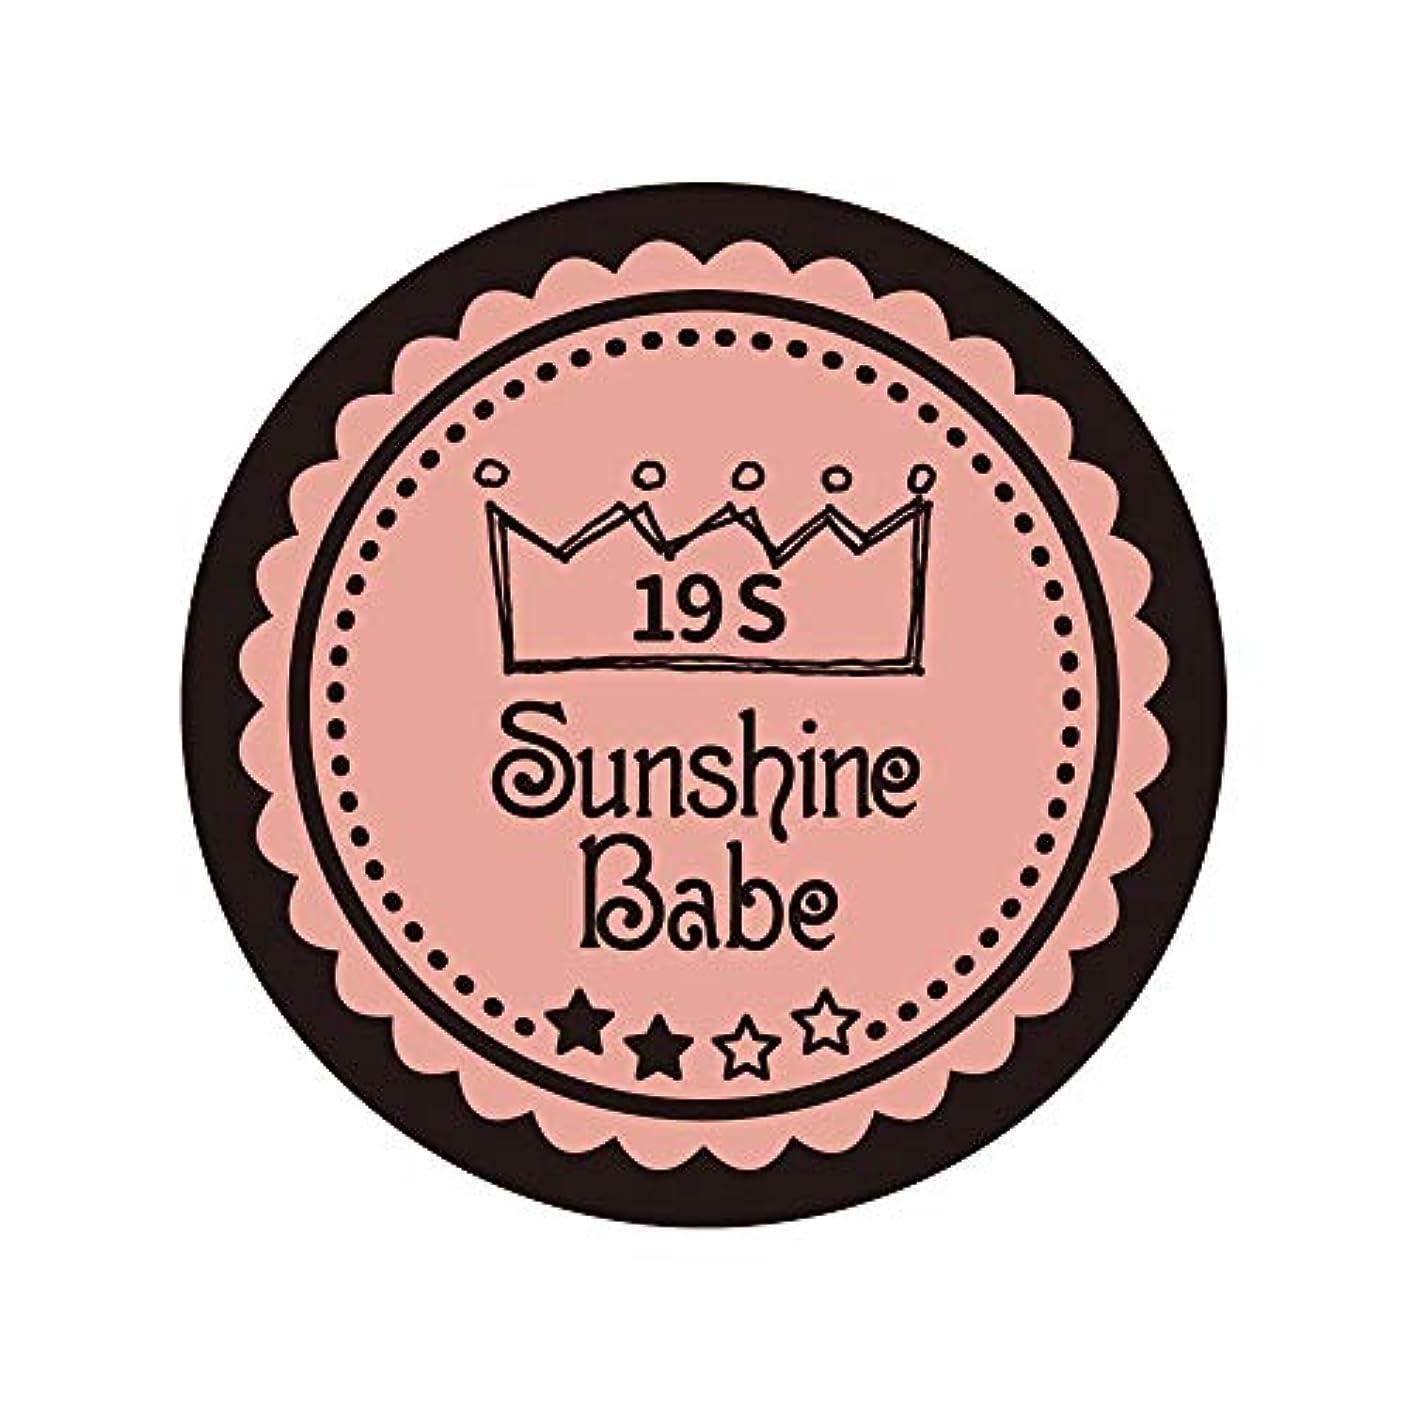 病気偽善錆びSunshine Babe カラージェル 19S ローズカシュ 2.7g UV/LED対応